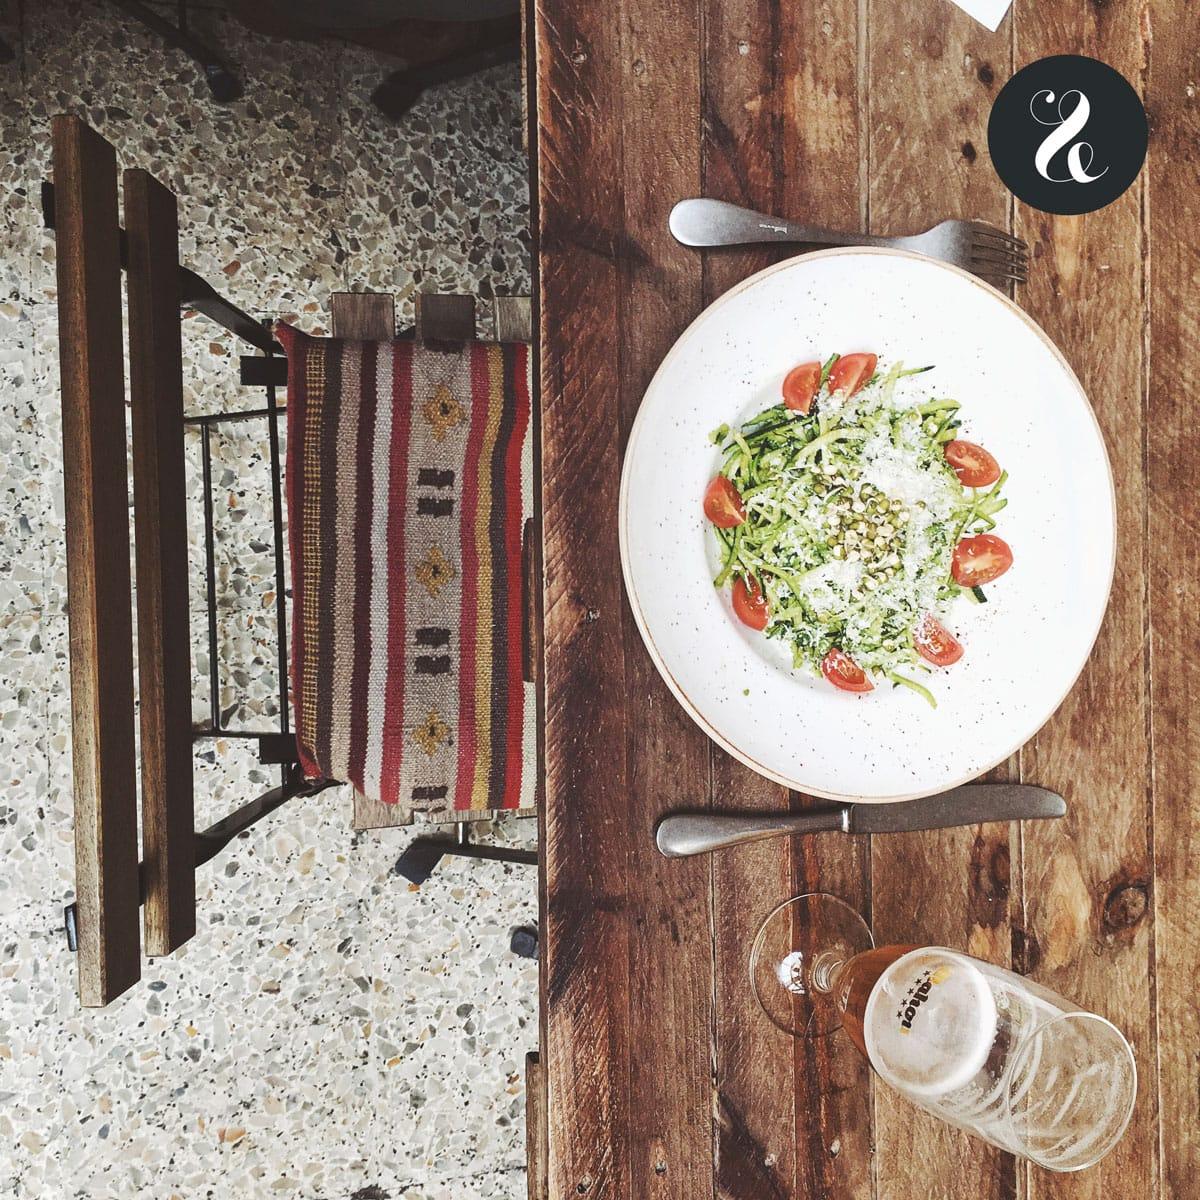 Mejores restaurantes sanos Madrid - EL Huerto de Lucas